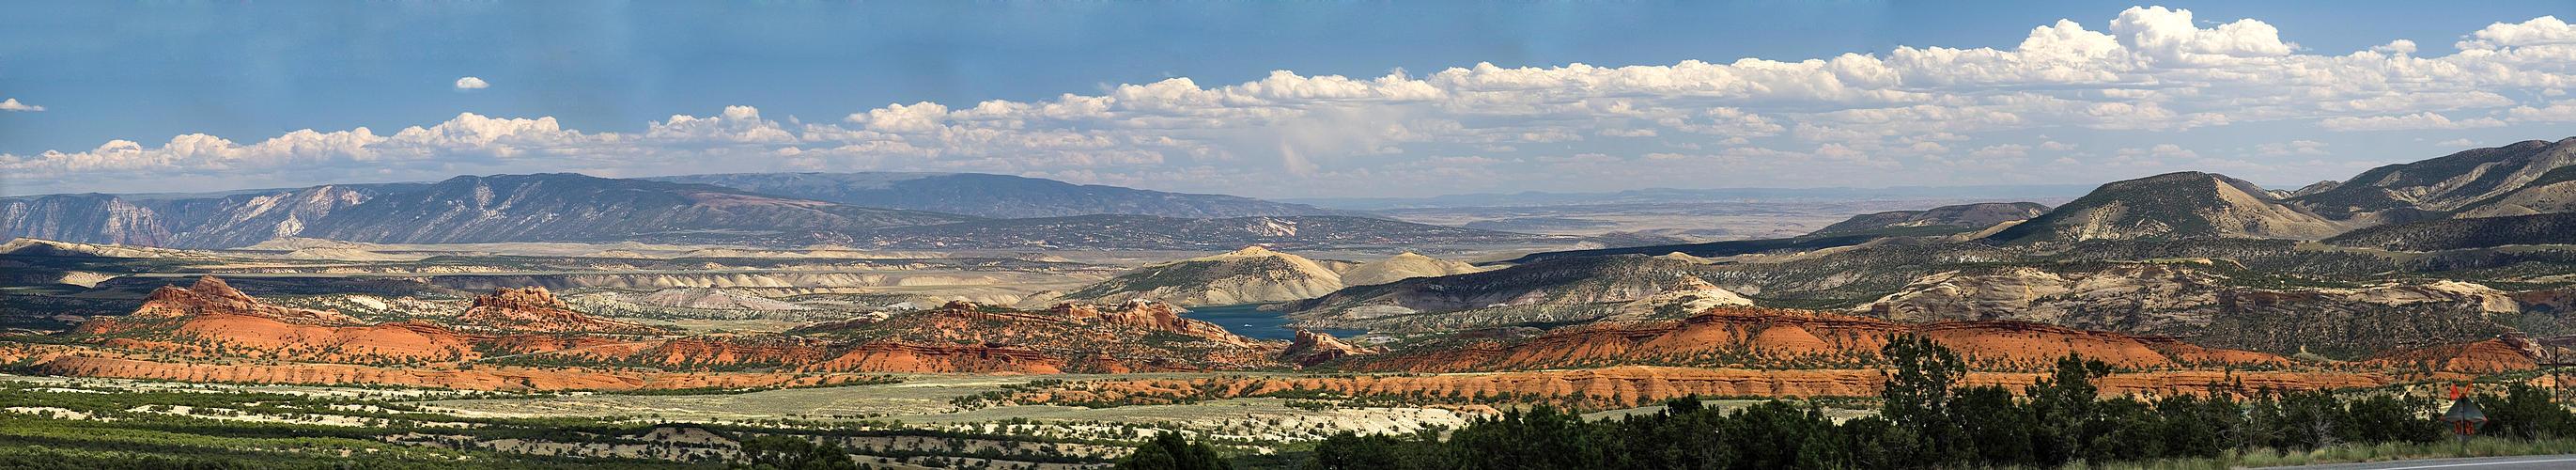 Minengebiet im Norden Colorados